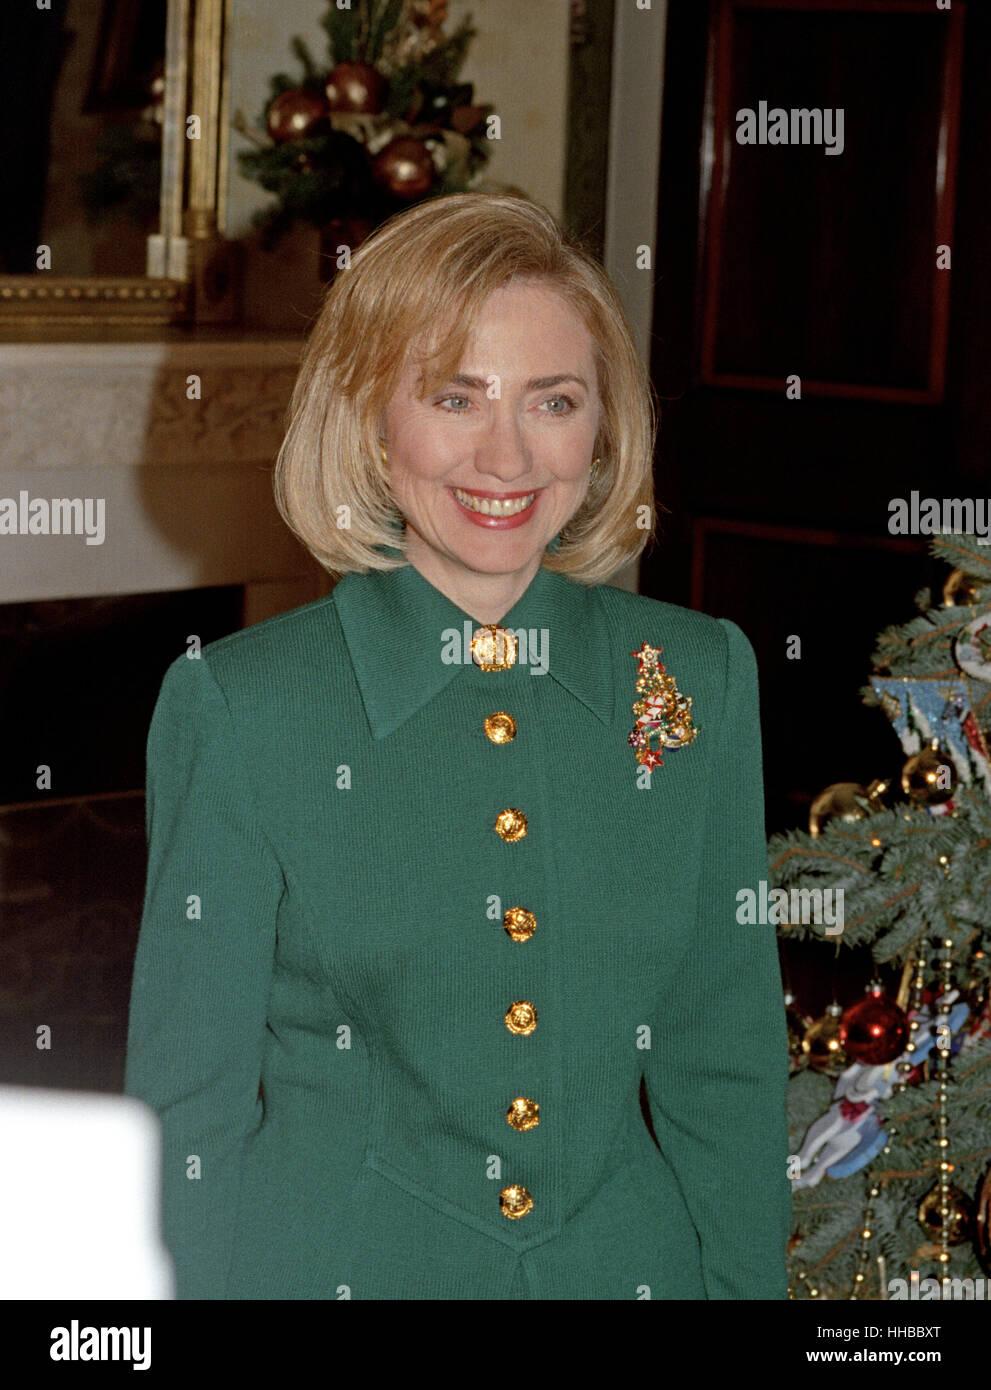 Hillary Clinton Christmas.Hillary Clinton Christmas Decorations Stock Photos Hillary Clinton